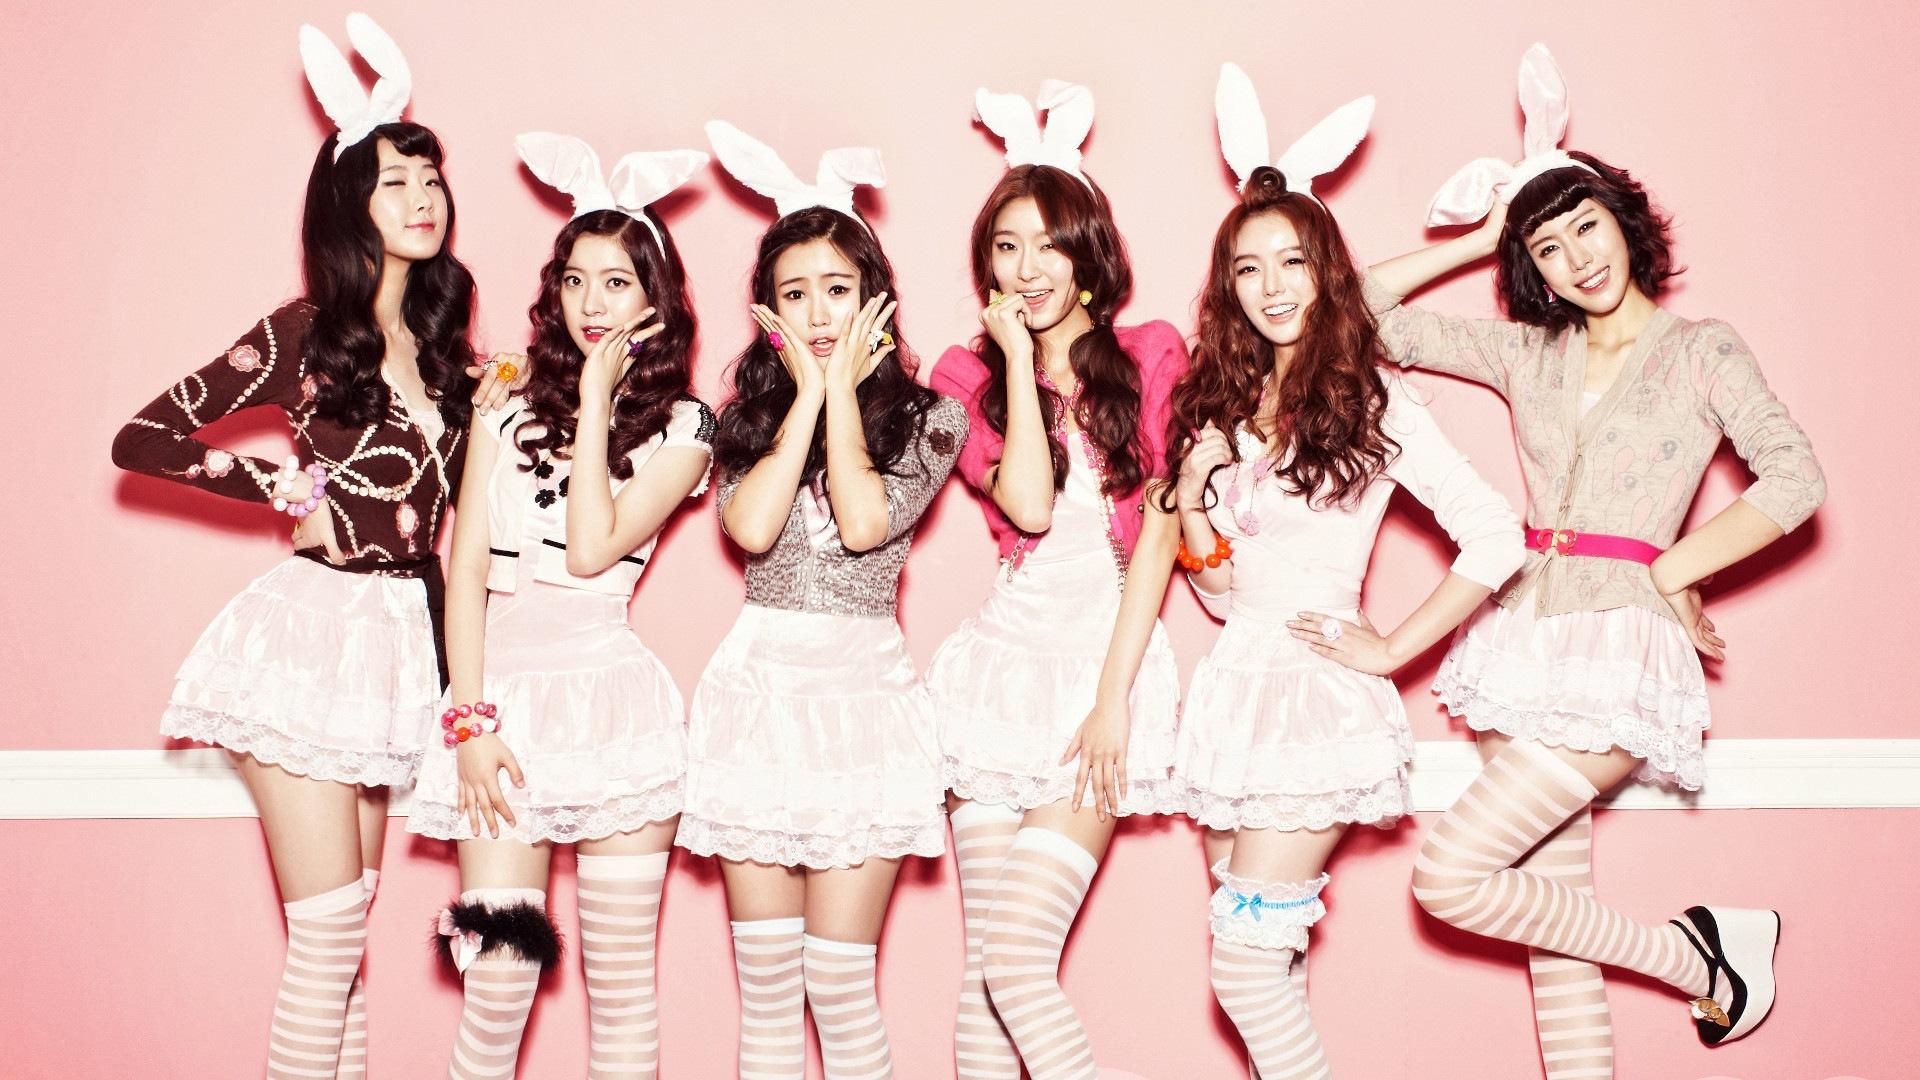 Стиль k pop - музыкальное направление, поп музка из южной кореи | кей поп группы из кореи - фото, видео